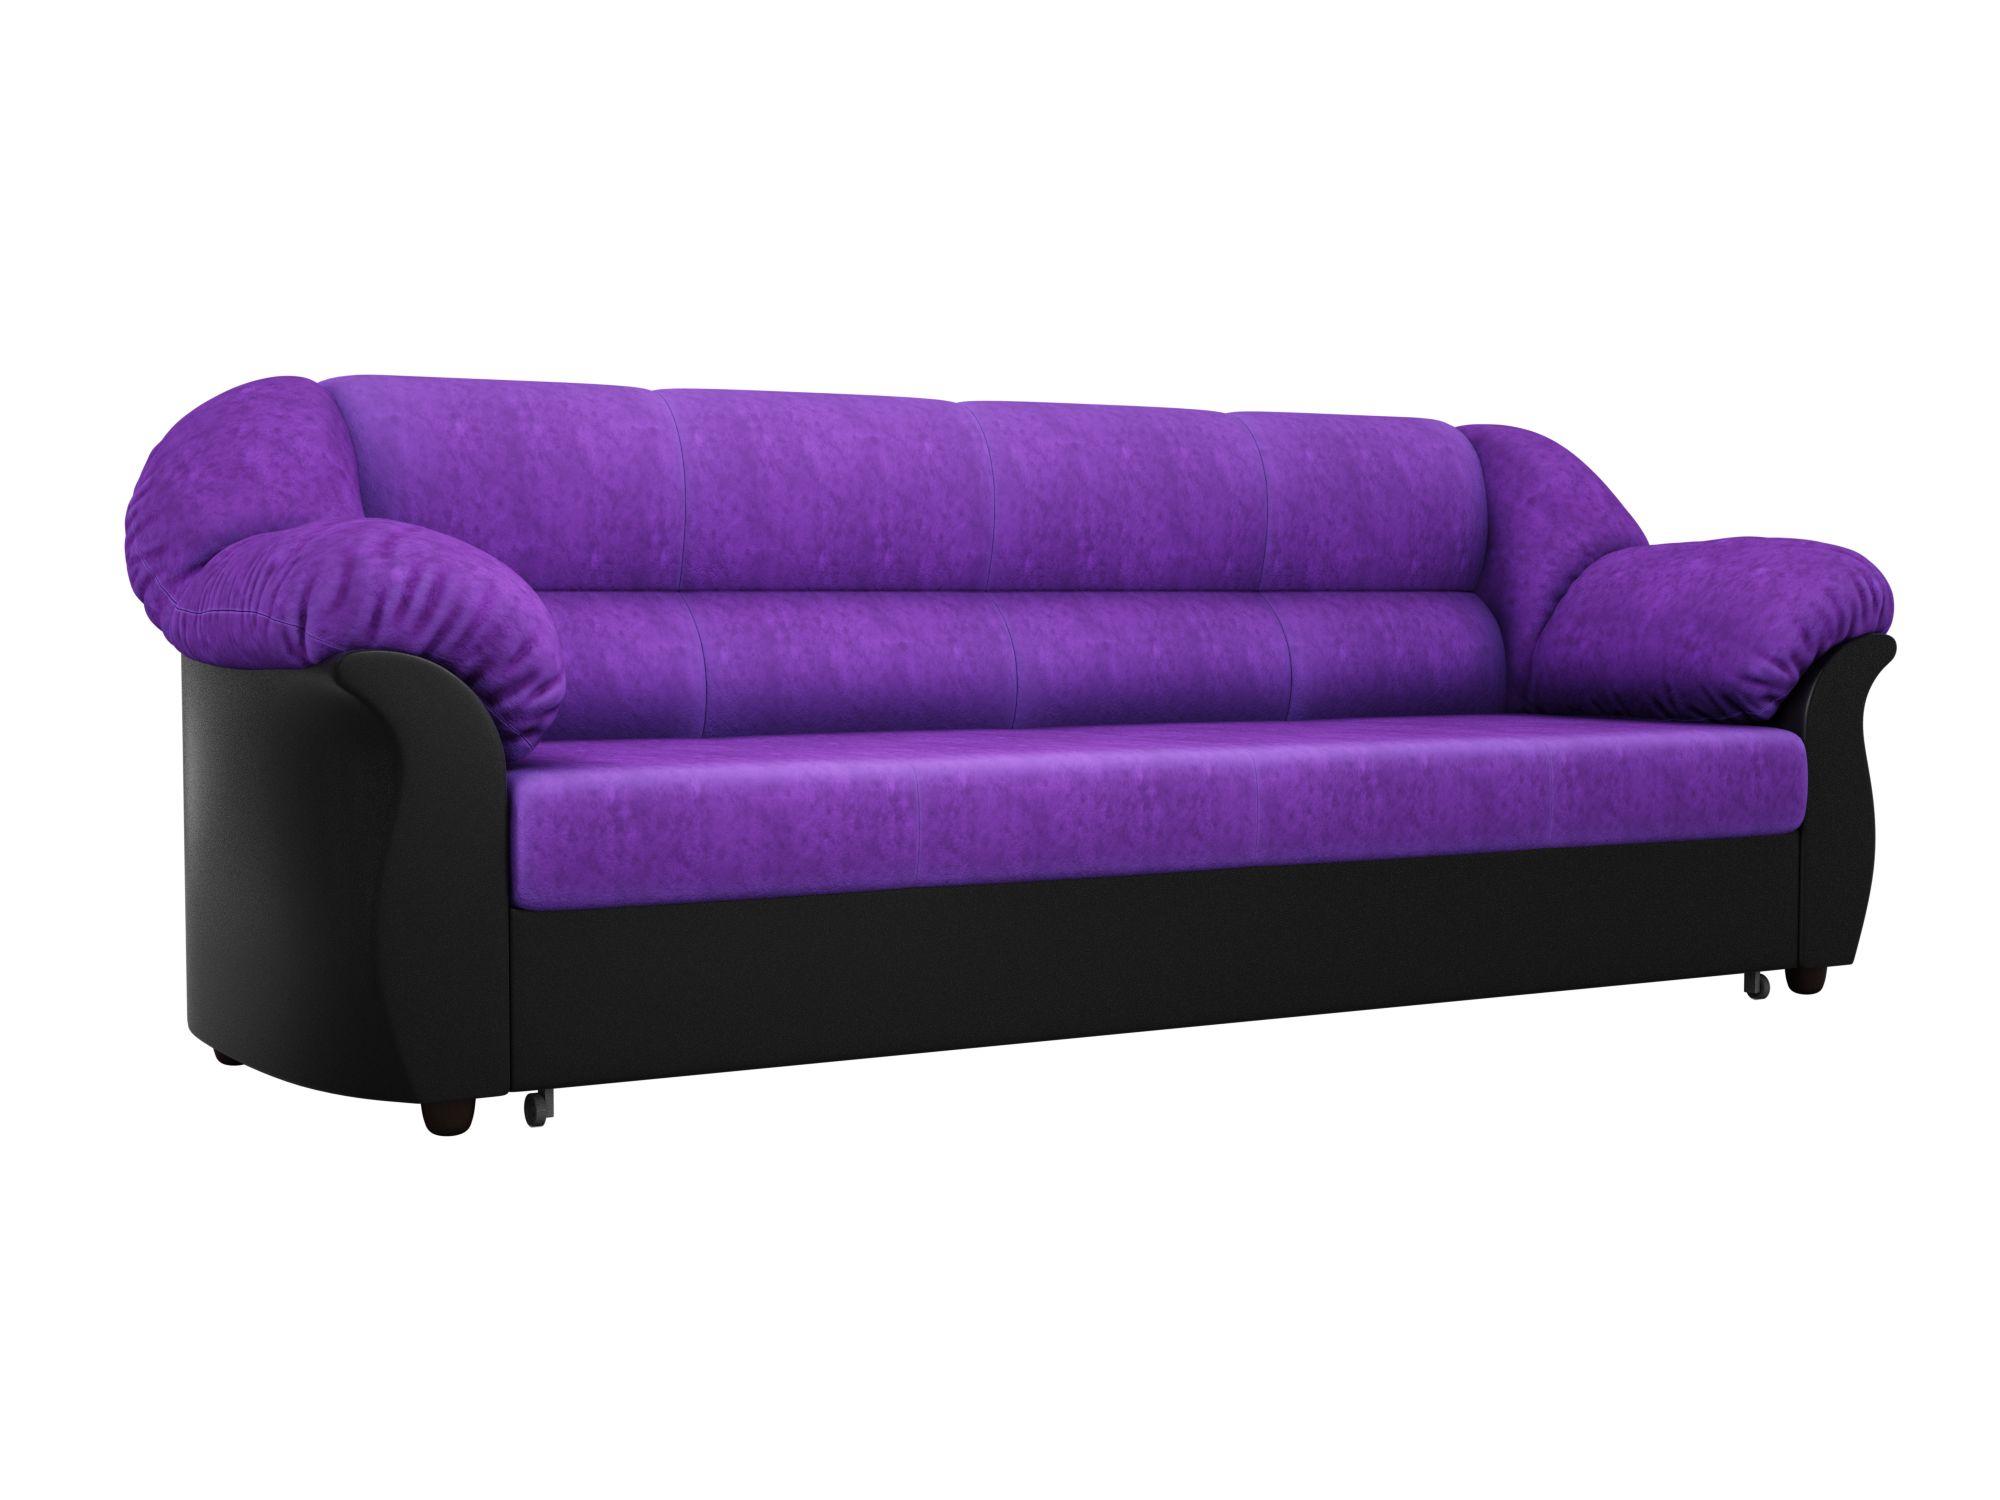 Диван прямой Мебелико Карнелла велюр фиолетовый/ эко кожа черный